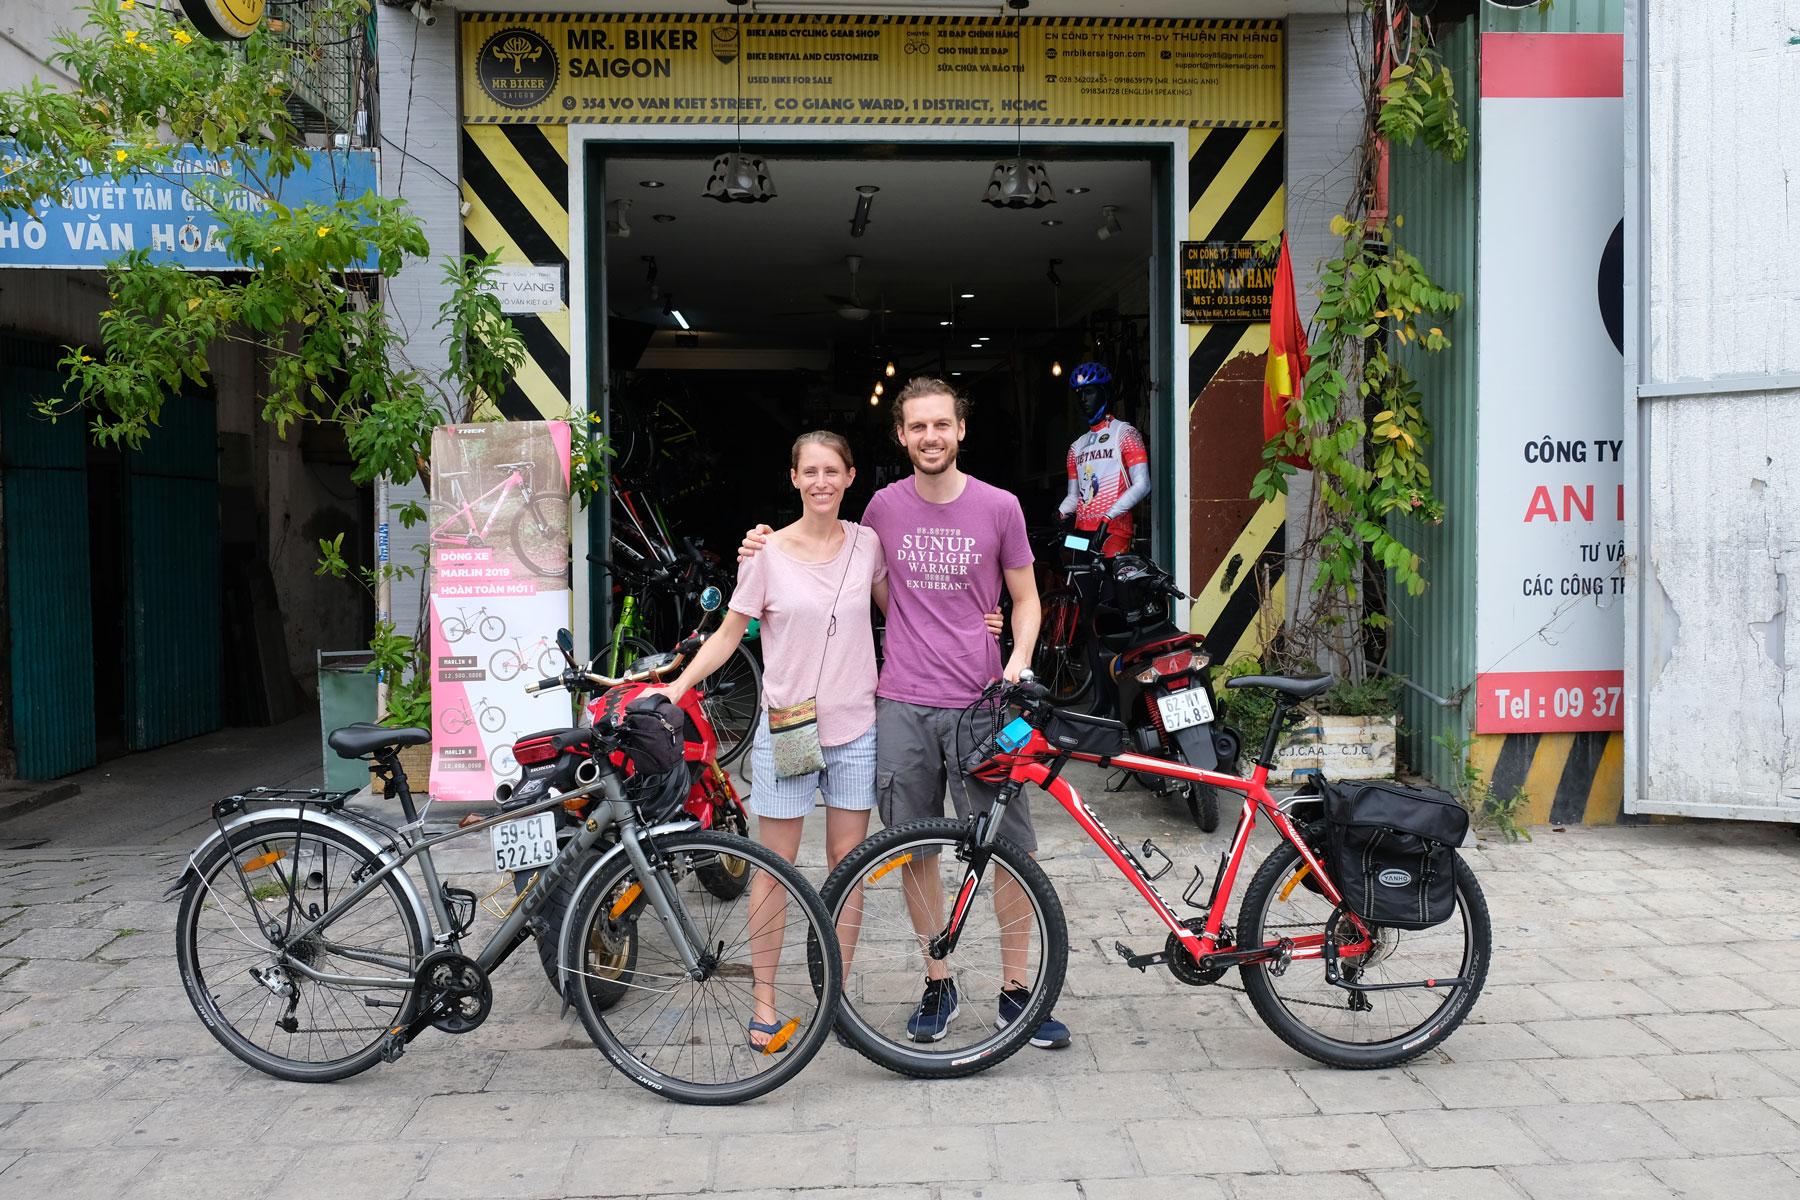 Vorbereitungen einer Fahrradreise